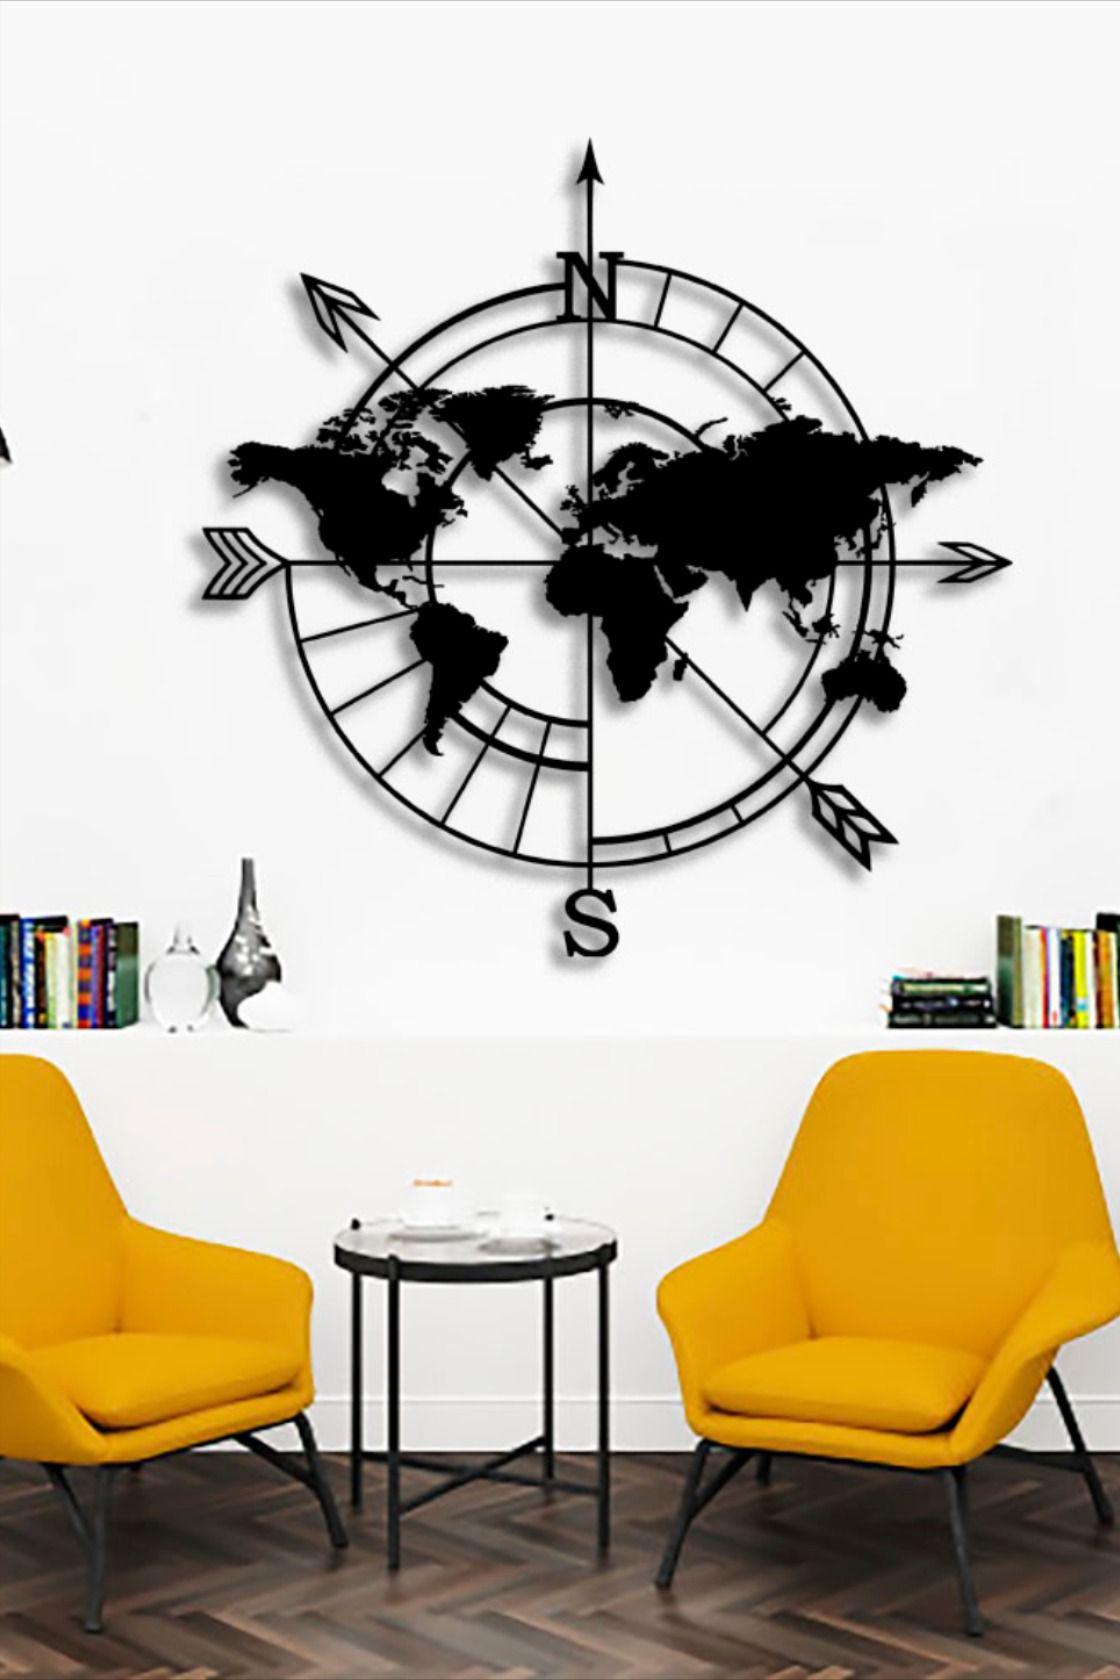 Karta Mira Iz Metala Travel Iron Decor Home Appliances Furniture